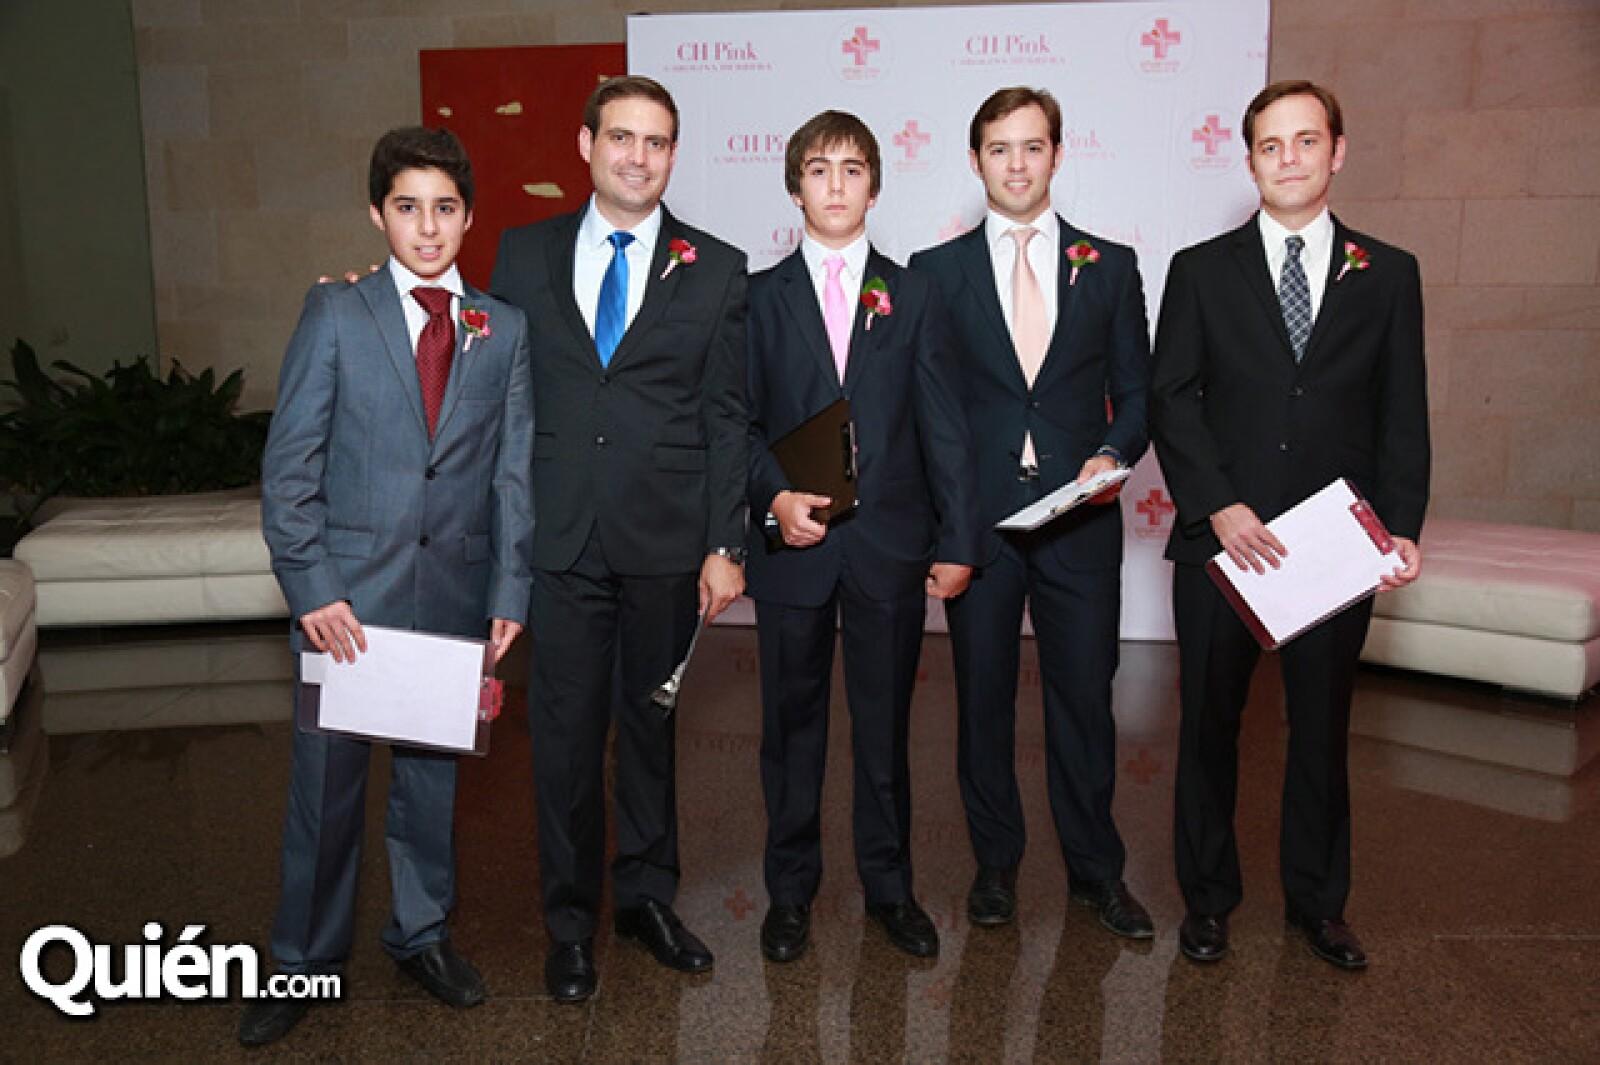 David Sada,Gabriel Rodríguez,Ernesto Milmo,José MIguel Sada y Ernesto Arrieta